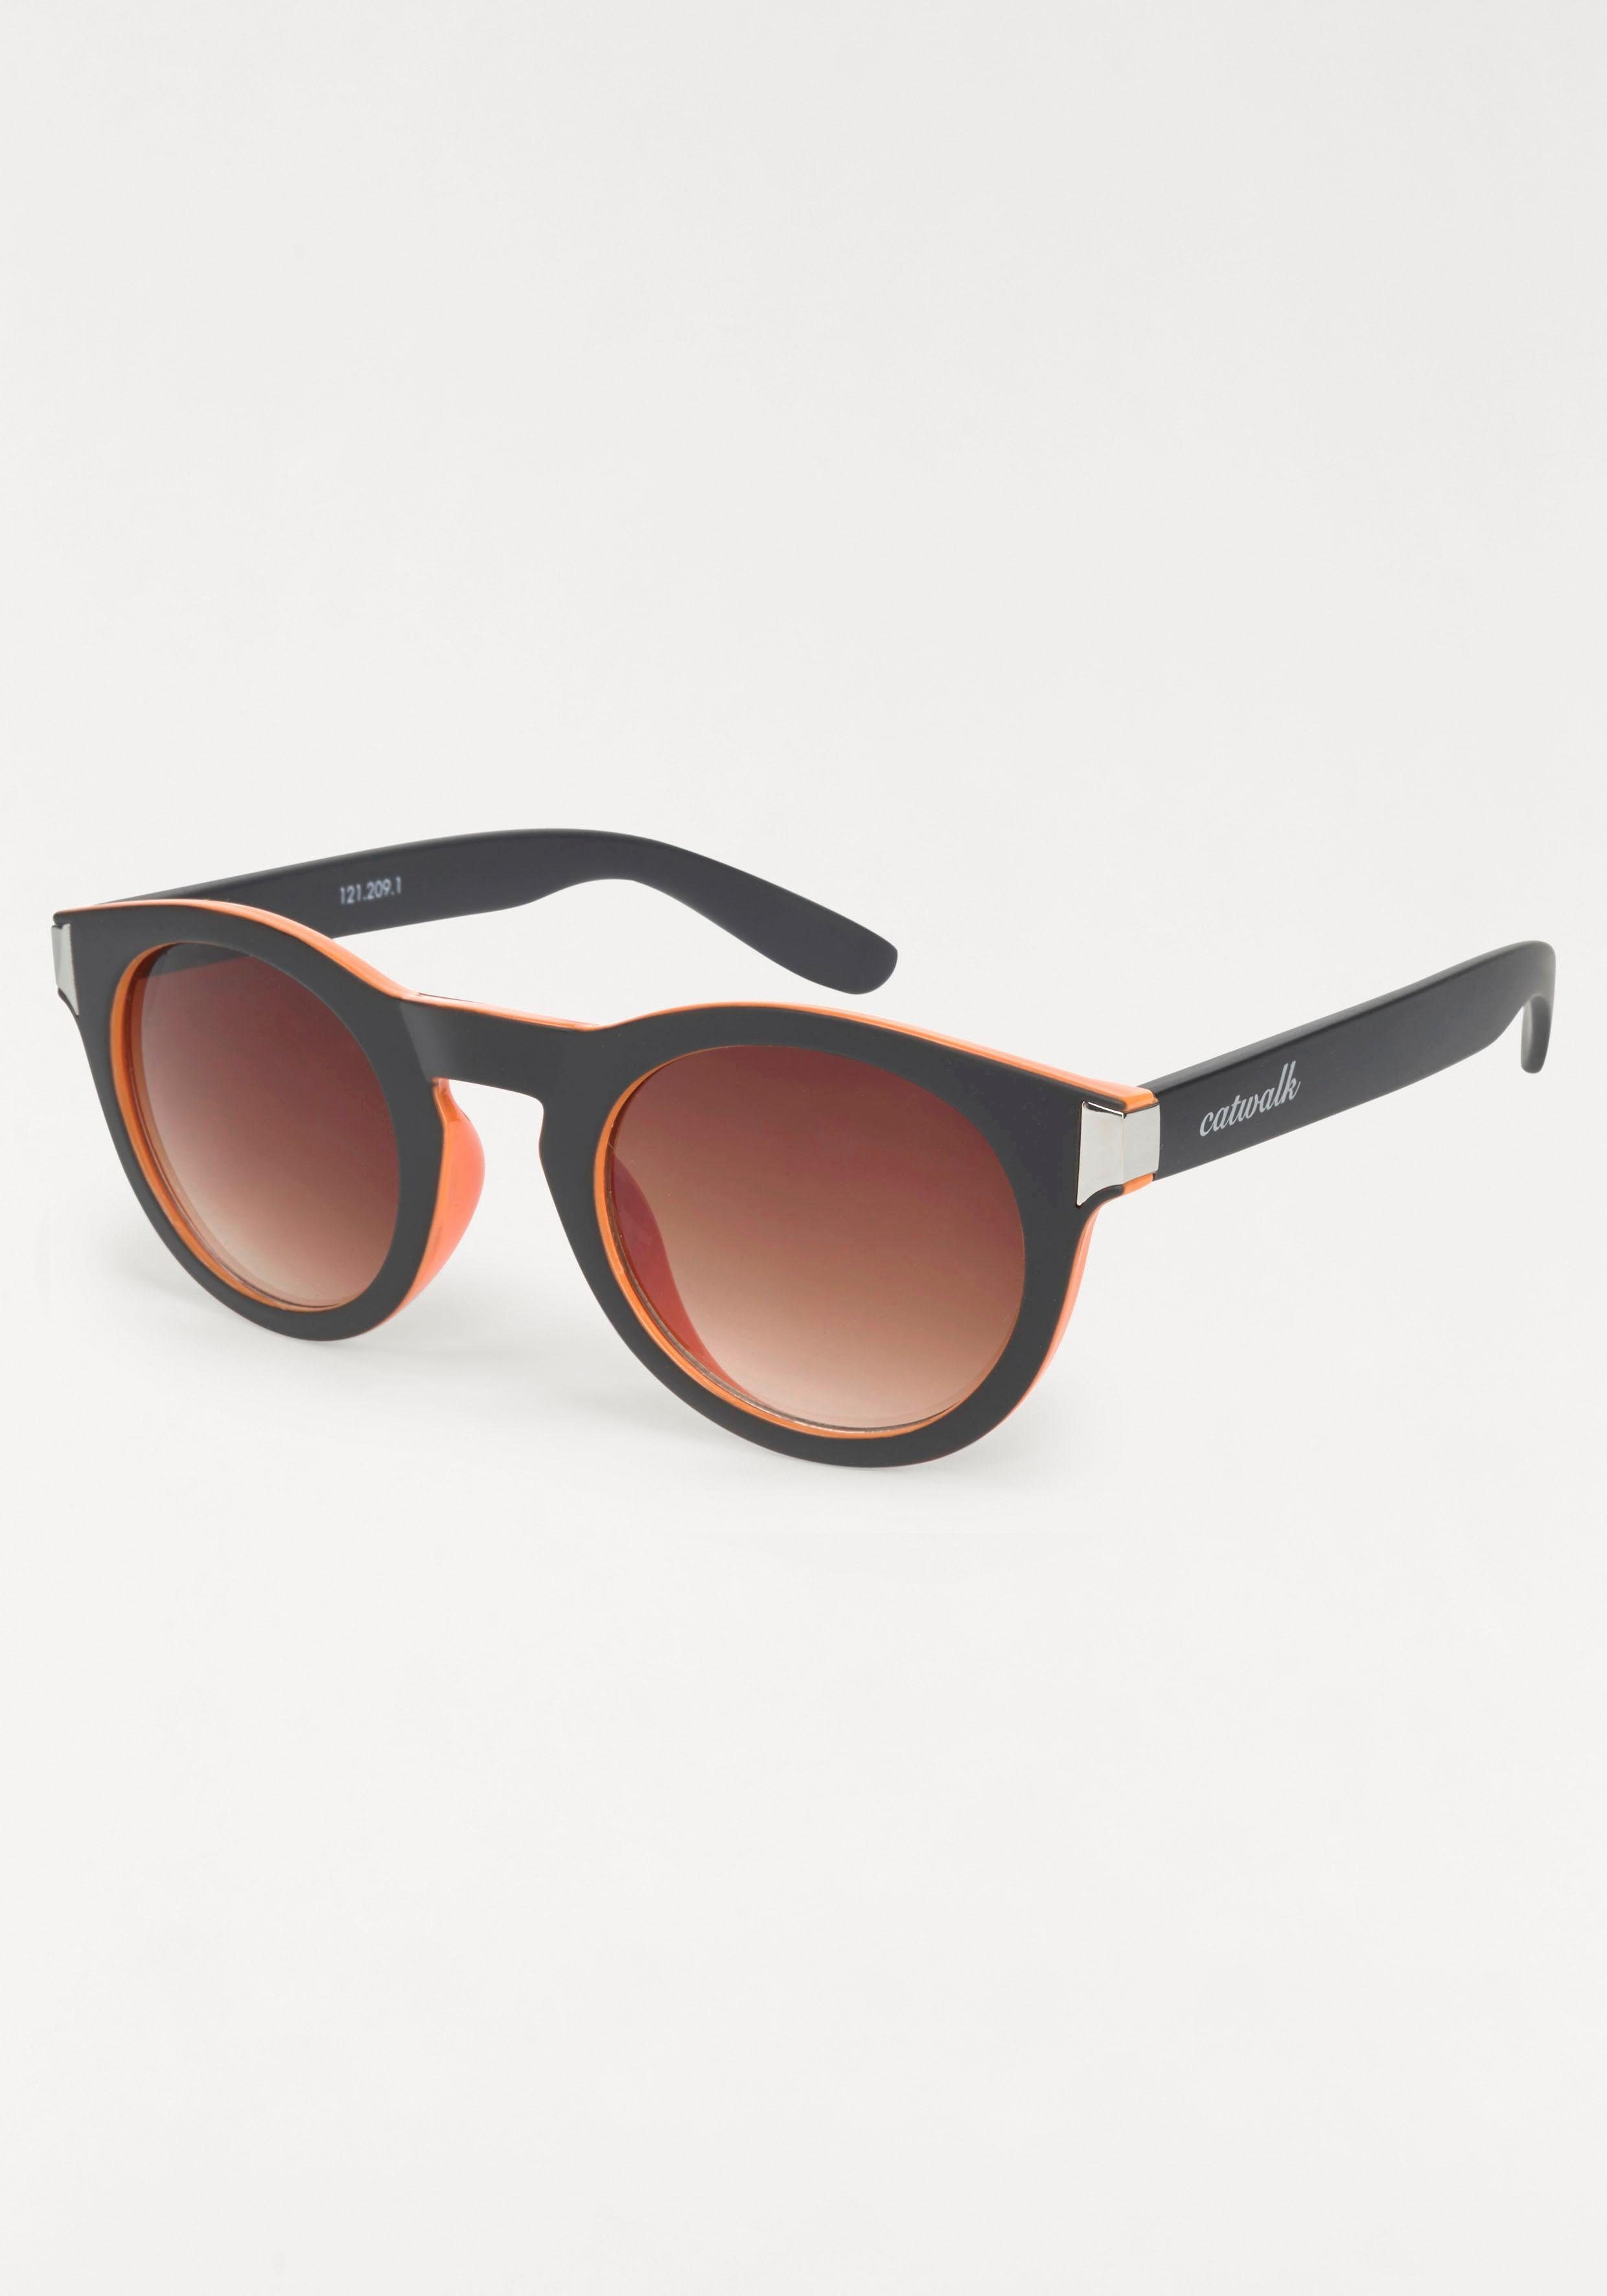 Heine Sonnenbrille mit Farbverlauif, braun